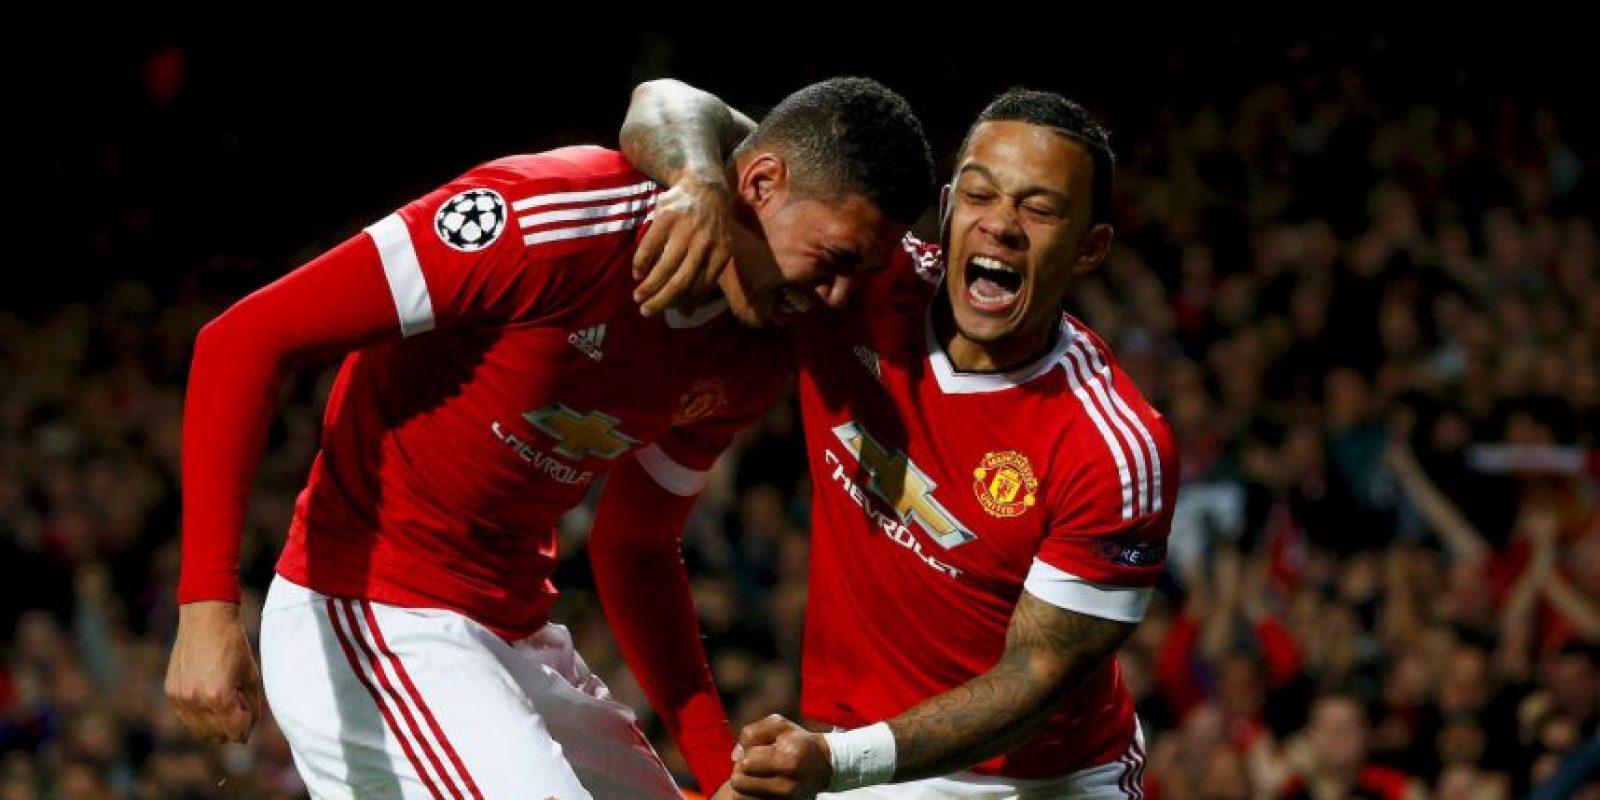 """Tienen 19 puntos, igual que el Arsenal, pero los """"Gunners"""" los superan en diferencia de goles. El líder es Manchester City con 21 unidades. Foto:Getty Images"""